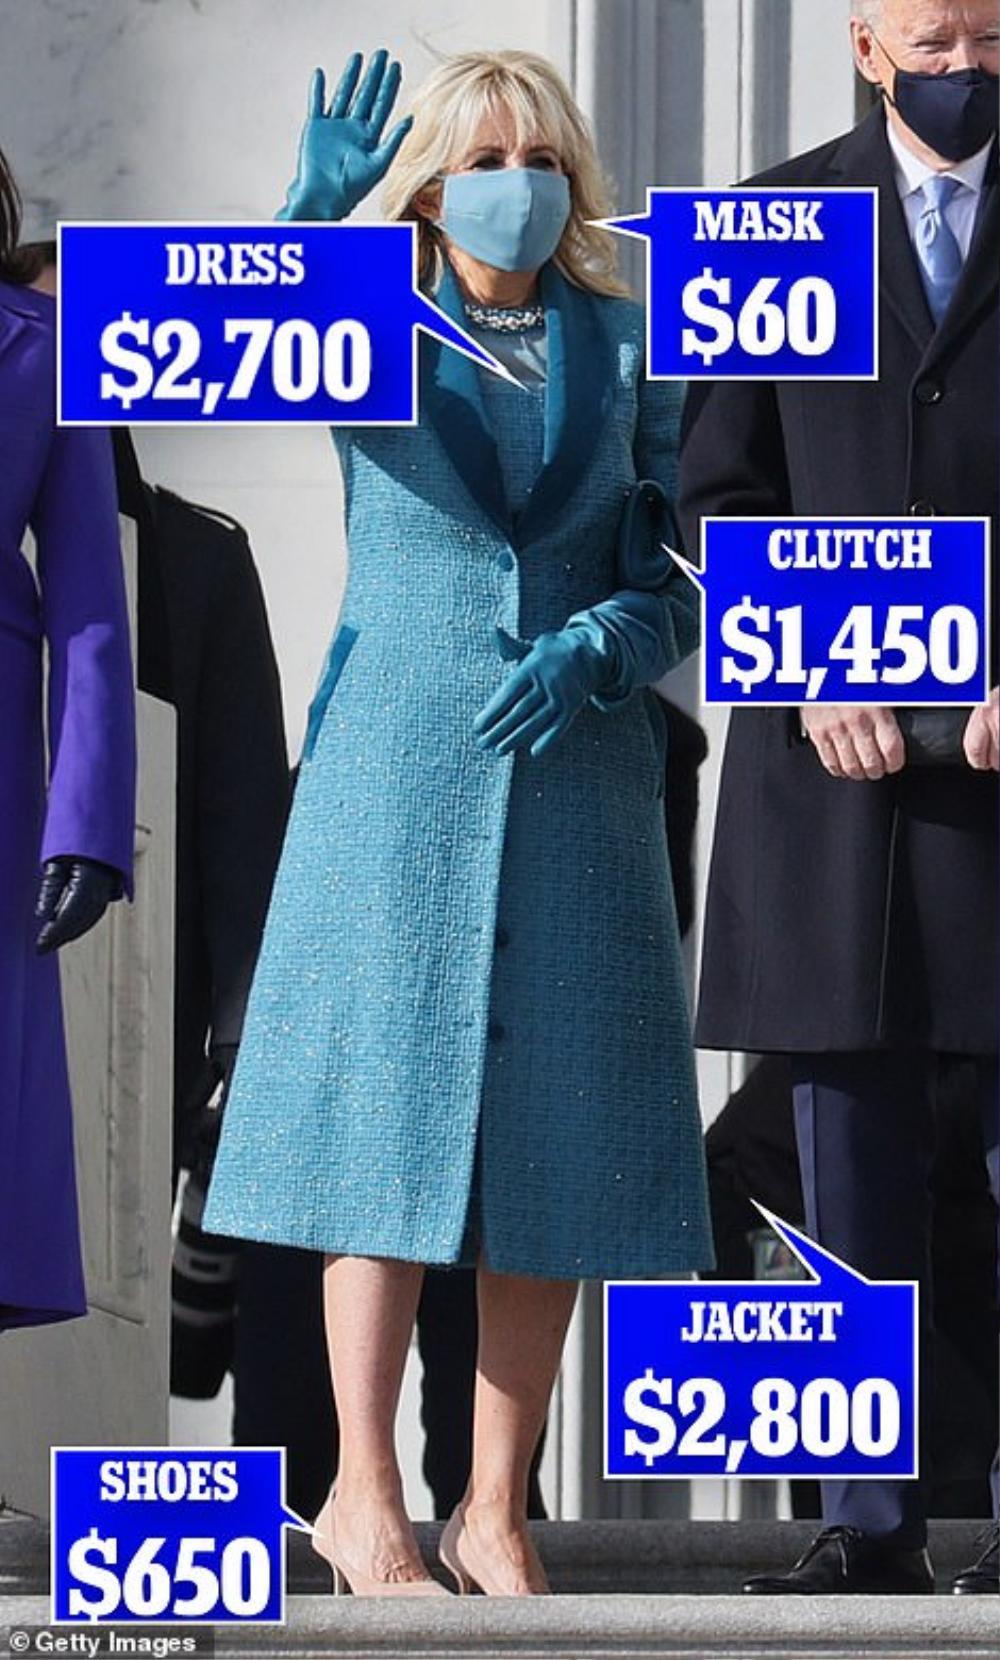 Thời trang thanh lịch của các Đệ nhất Phu nhân Mỹ trong lễ nhậm chức qua từng nhiệm kỳ Ảnh 3